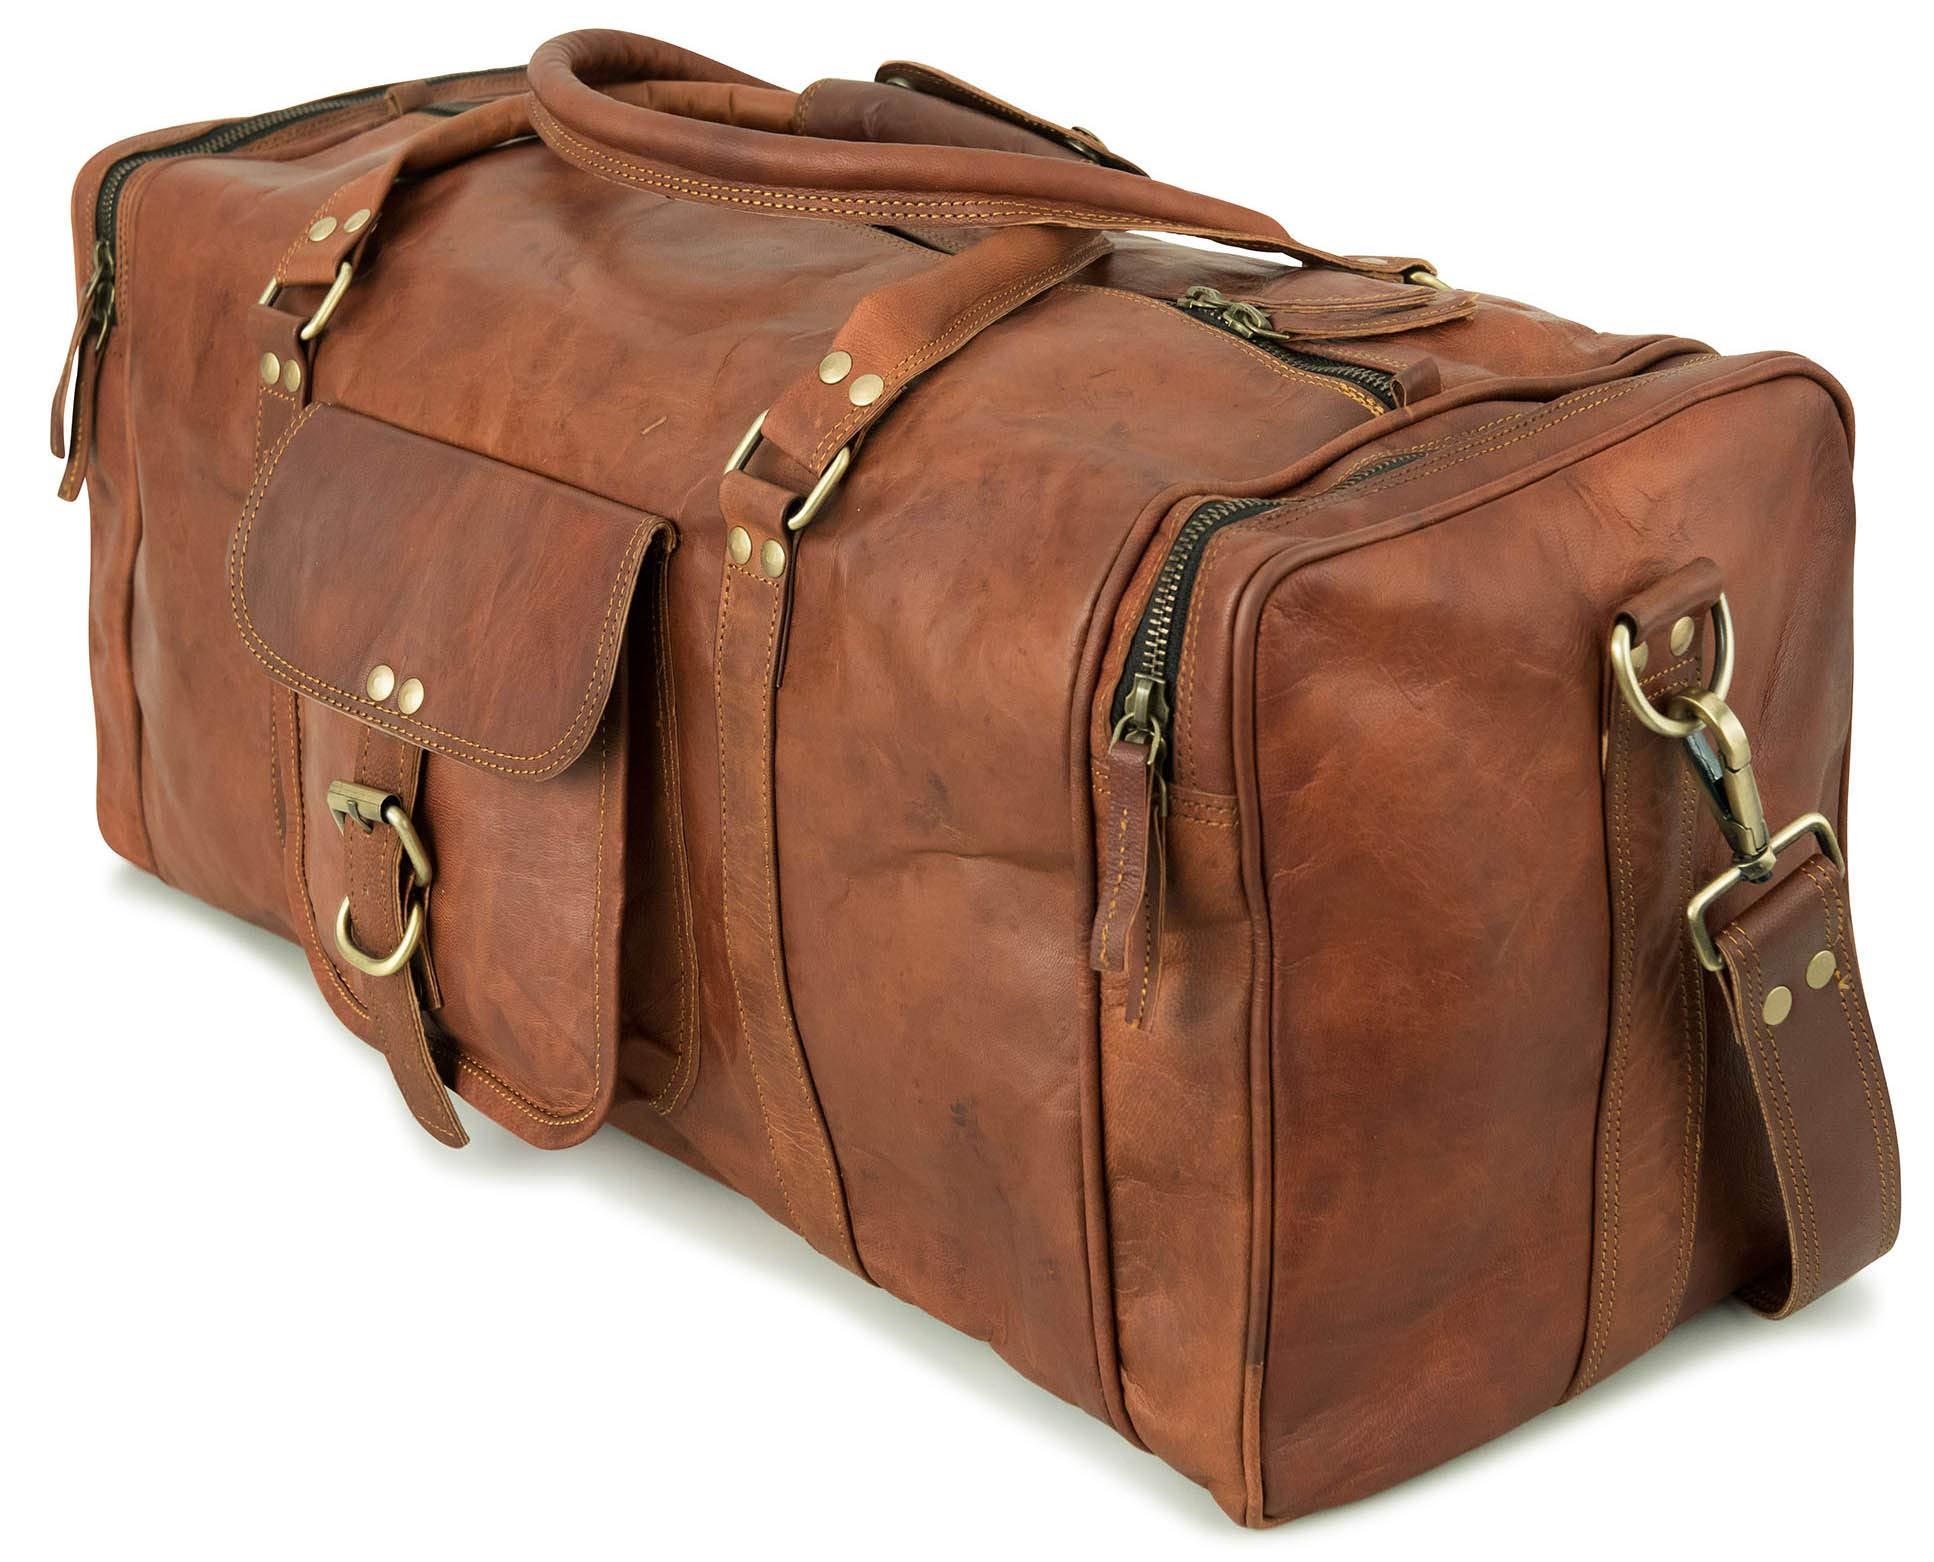 beb85ed720506 Berliner Bags New York Weekender Leder Reisetasche 30l Qualität Vintage  Design Damen Herren Braun Groß 55x40x20